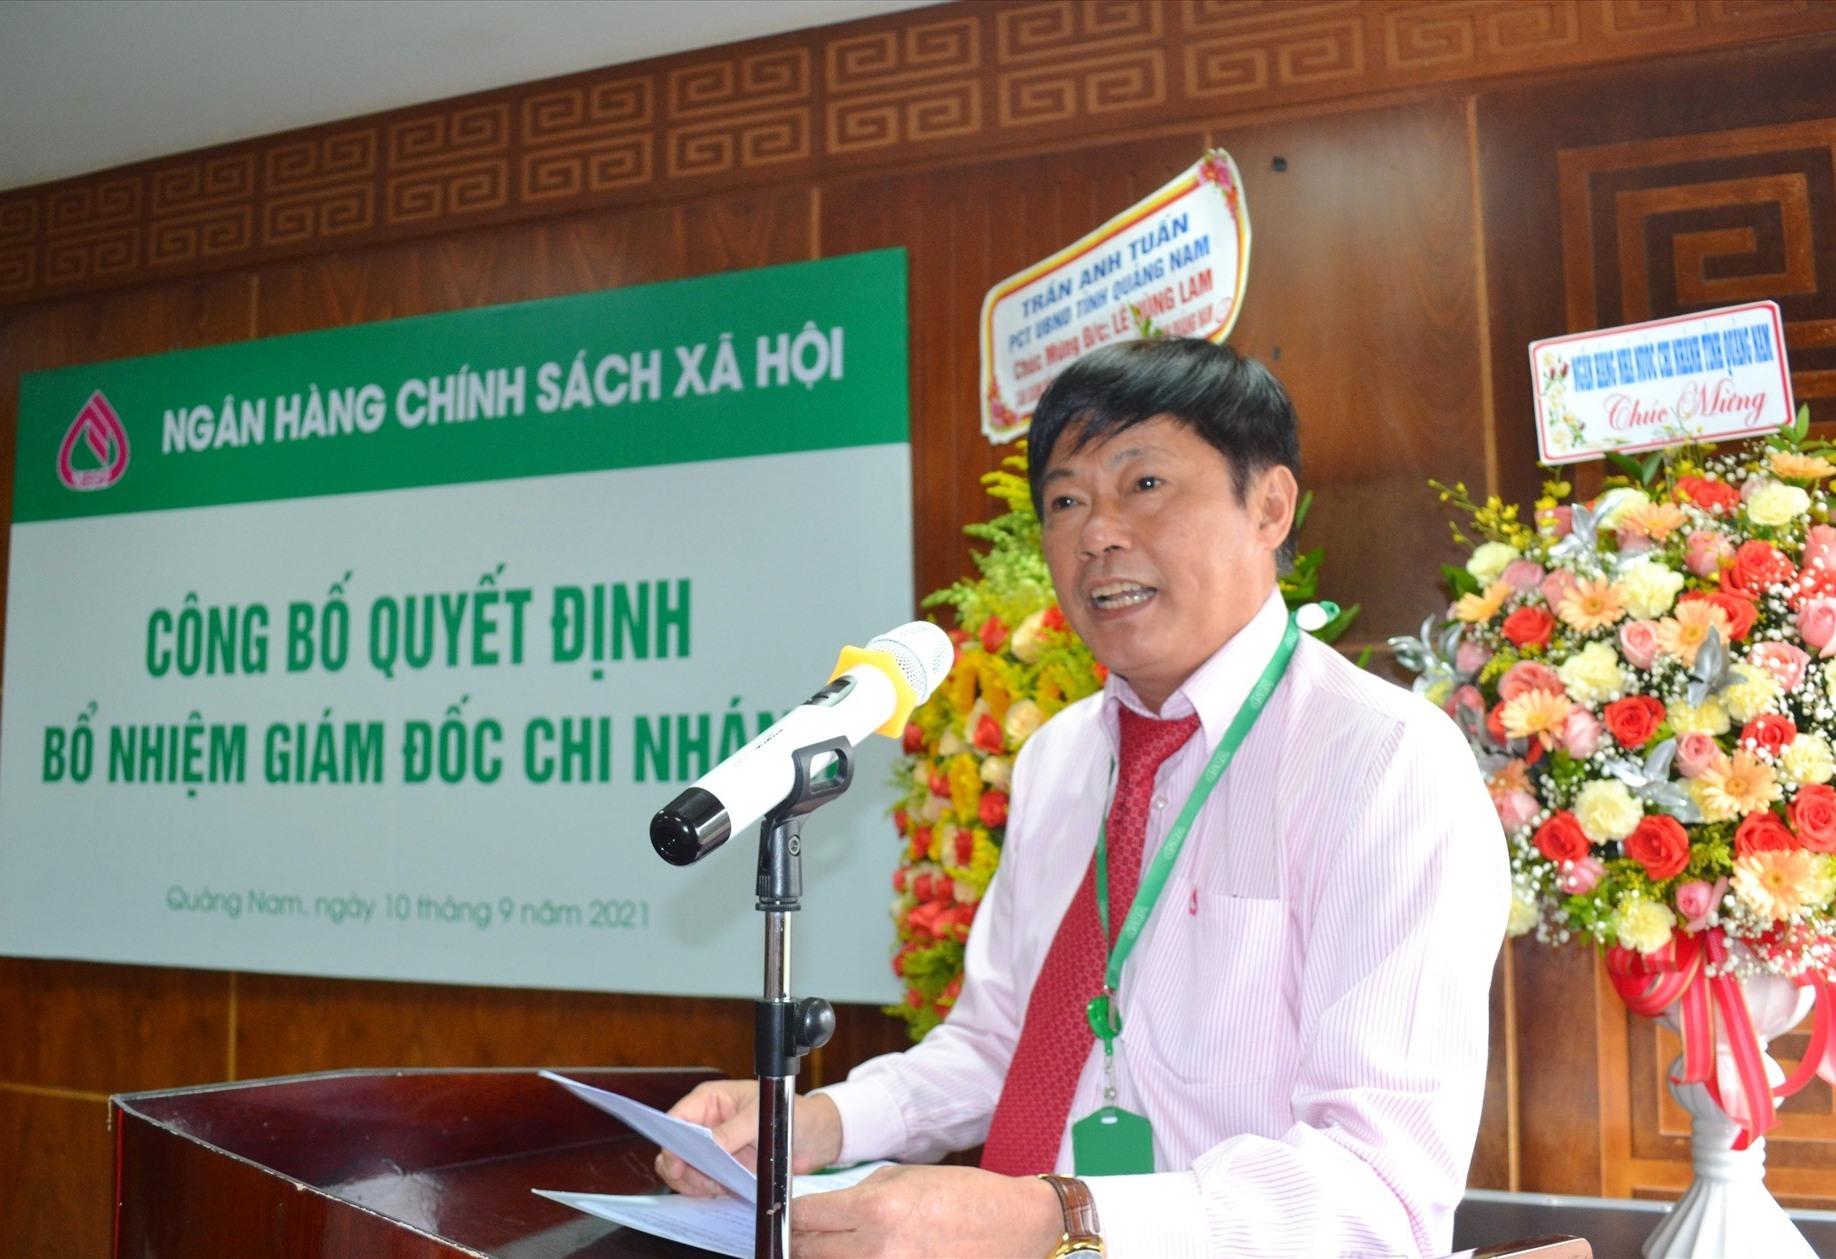 Ông Lê Hùng Lam - Giám đốc Ngân hàng CSXH chi nhánh Quảng Nam cam kết sẽ cùng toàn thể cán bộ, viên chức, người lao động thực hiện xuất sắc các nhiệm vụ được giao.